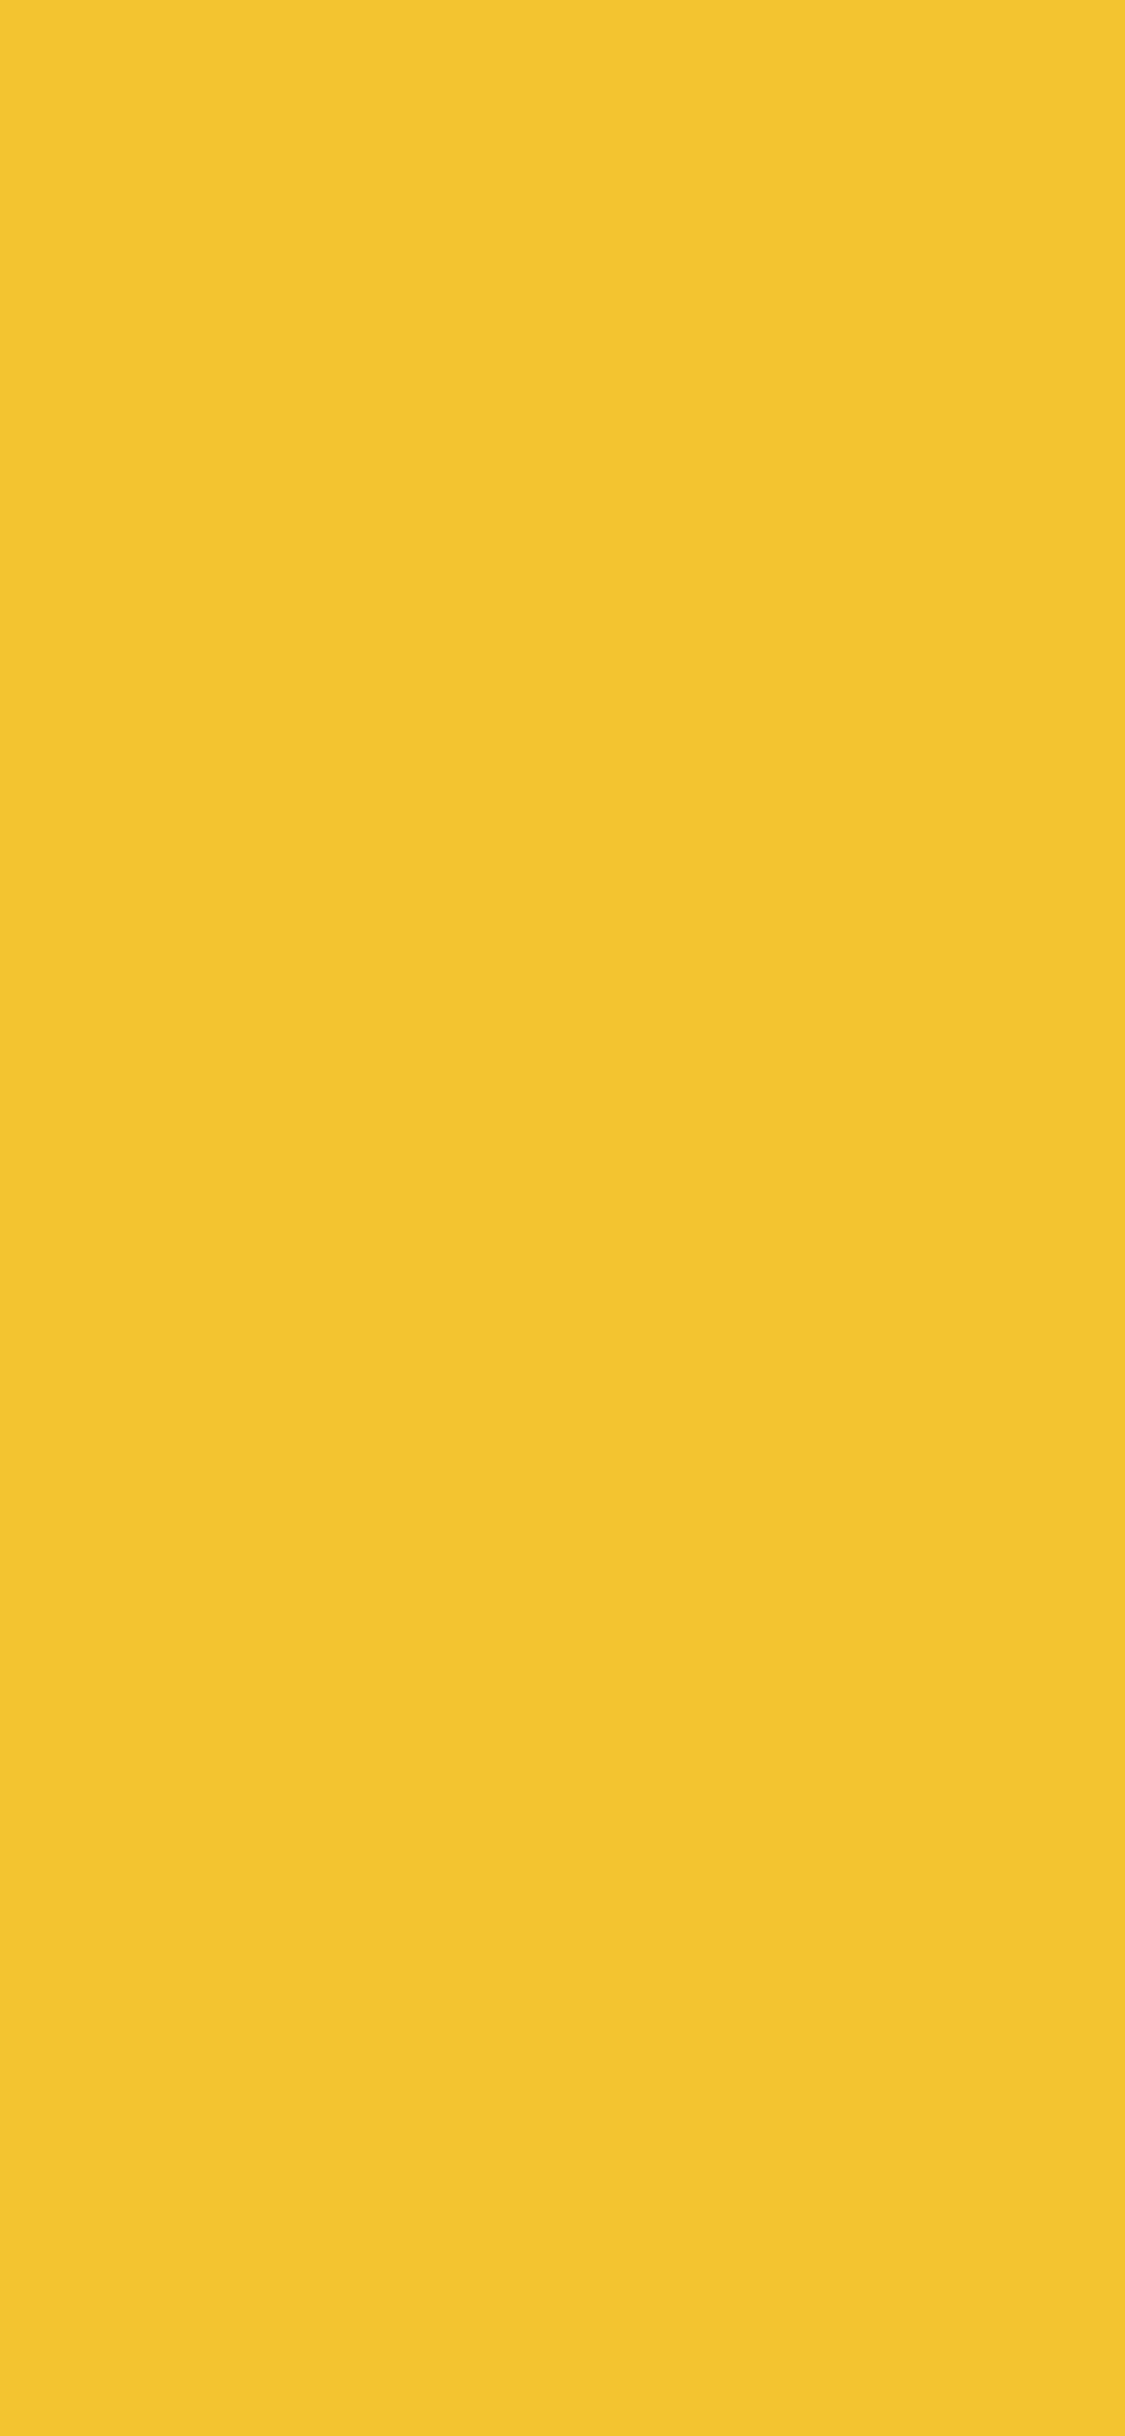 1125x2436 Saffron Solid Color Background